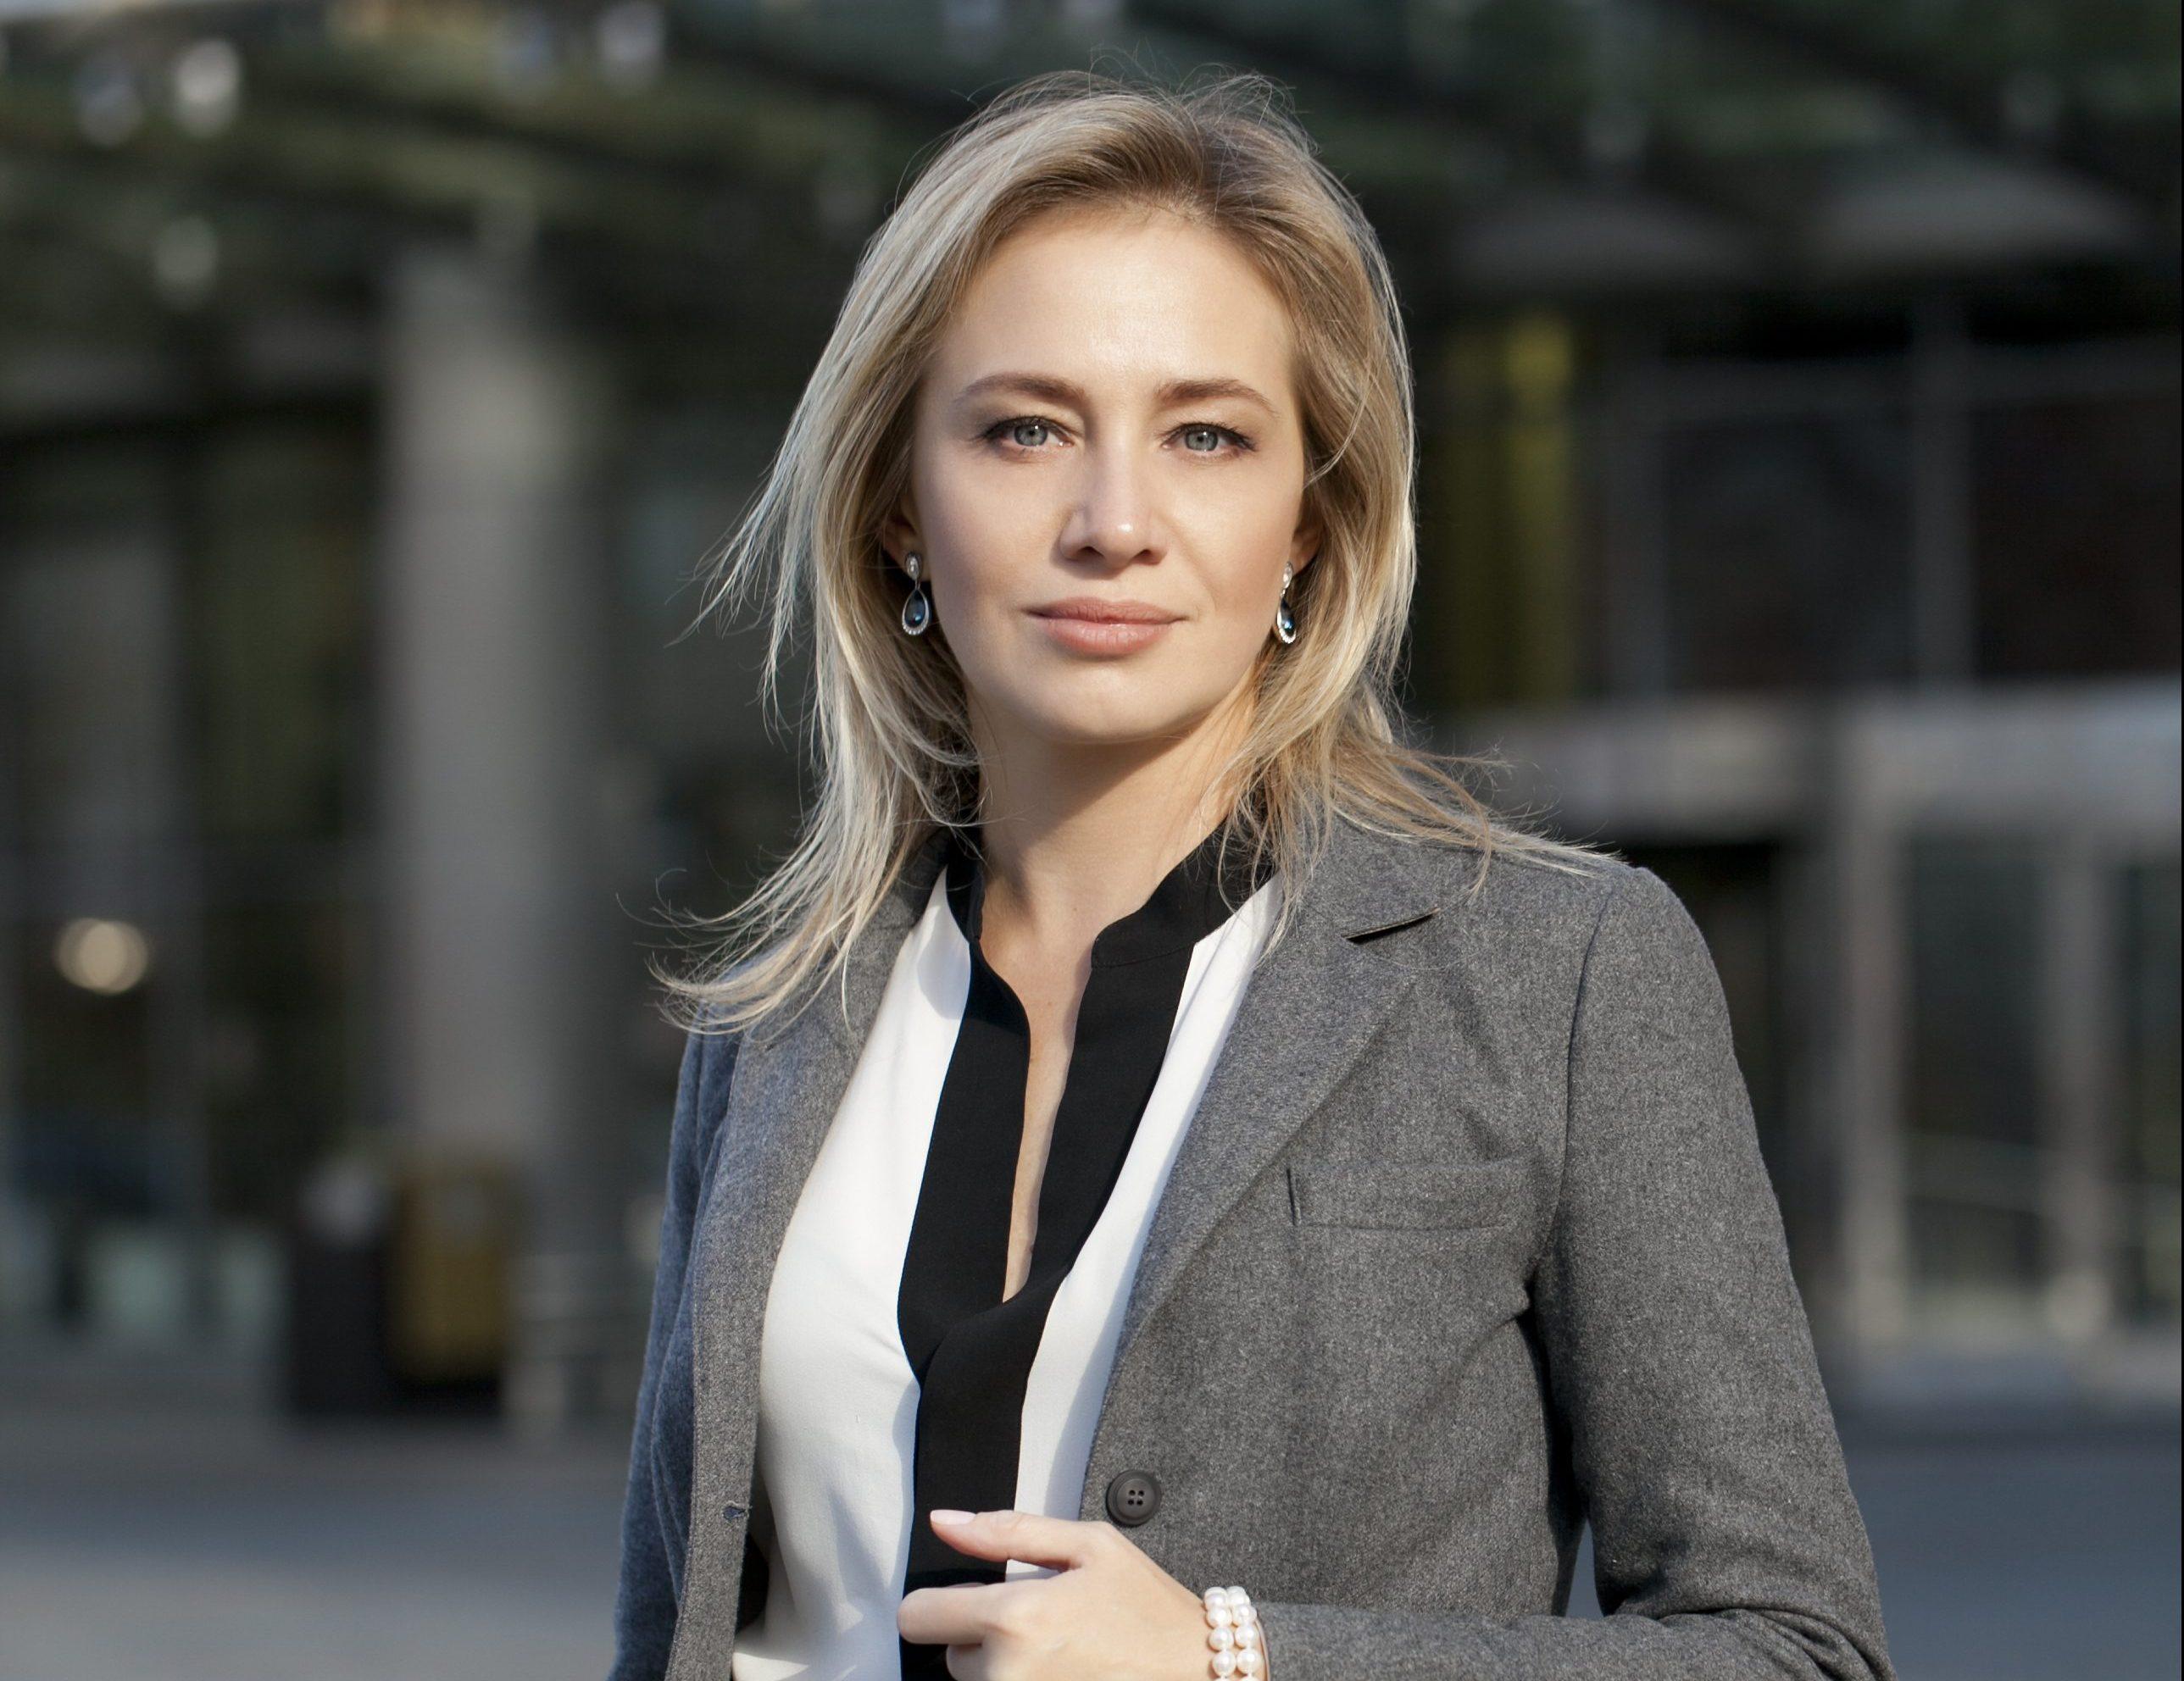 ЗАКОН ЭНЕРГИИ: Оксана Дорошенко из A.S.A. Group о партнерстве, деструкторах и лидере 3.0